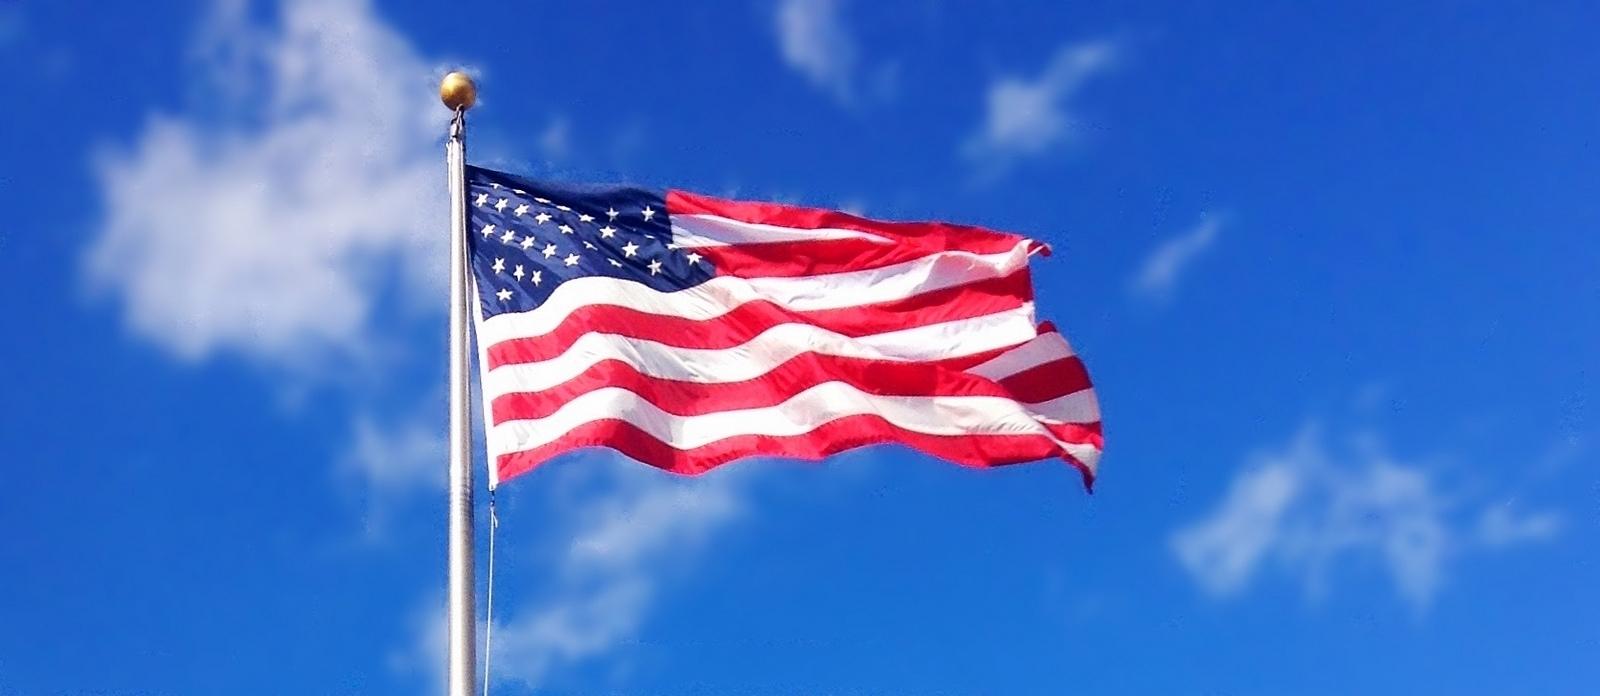 56f44fe9fbe08fdadd60_american_flag_Mike_Mozart.JPG